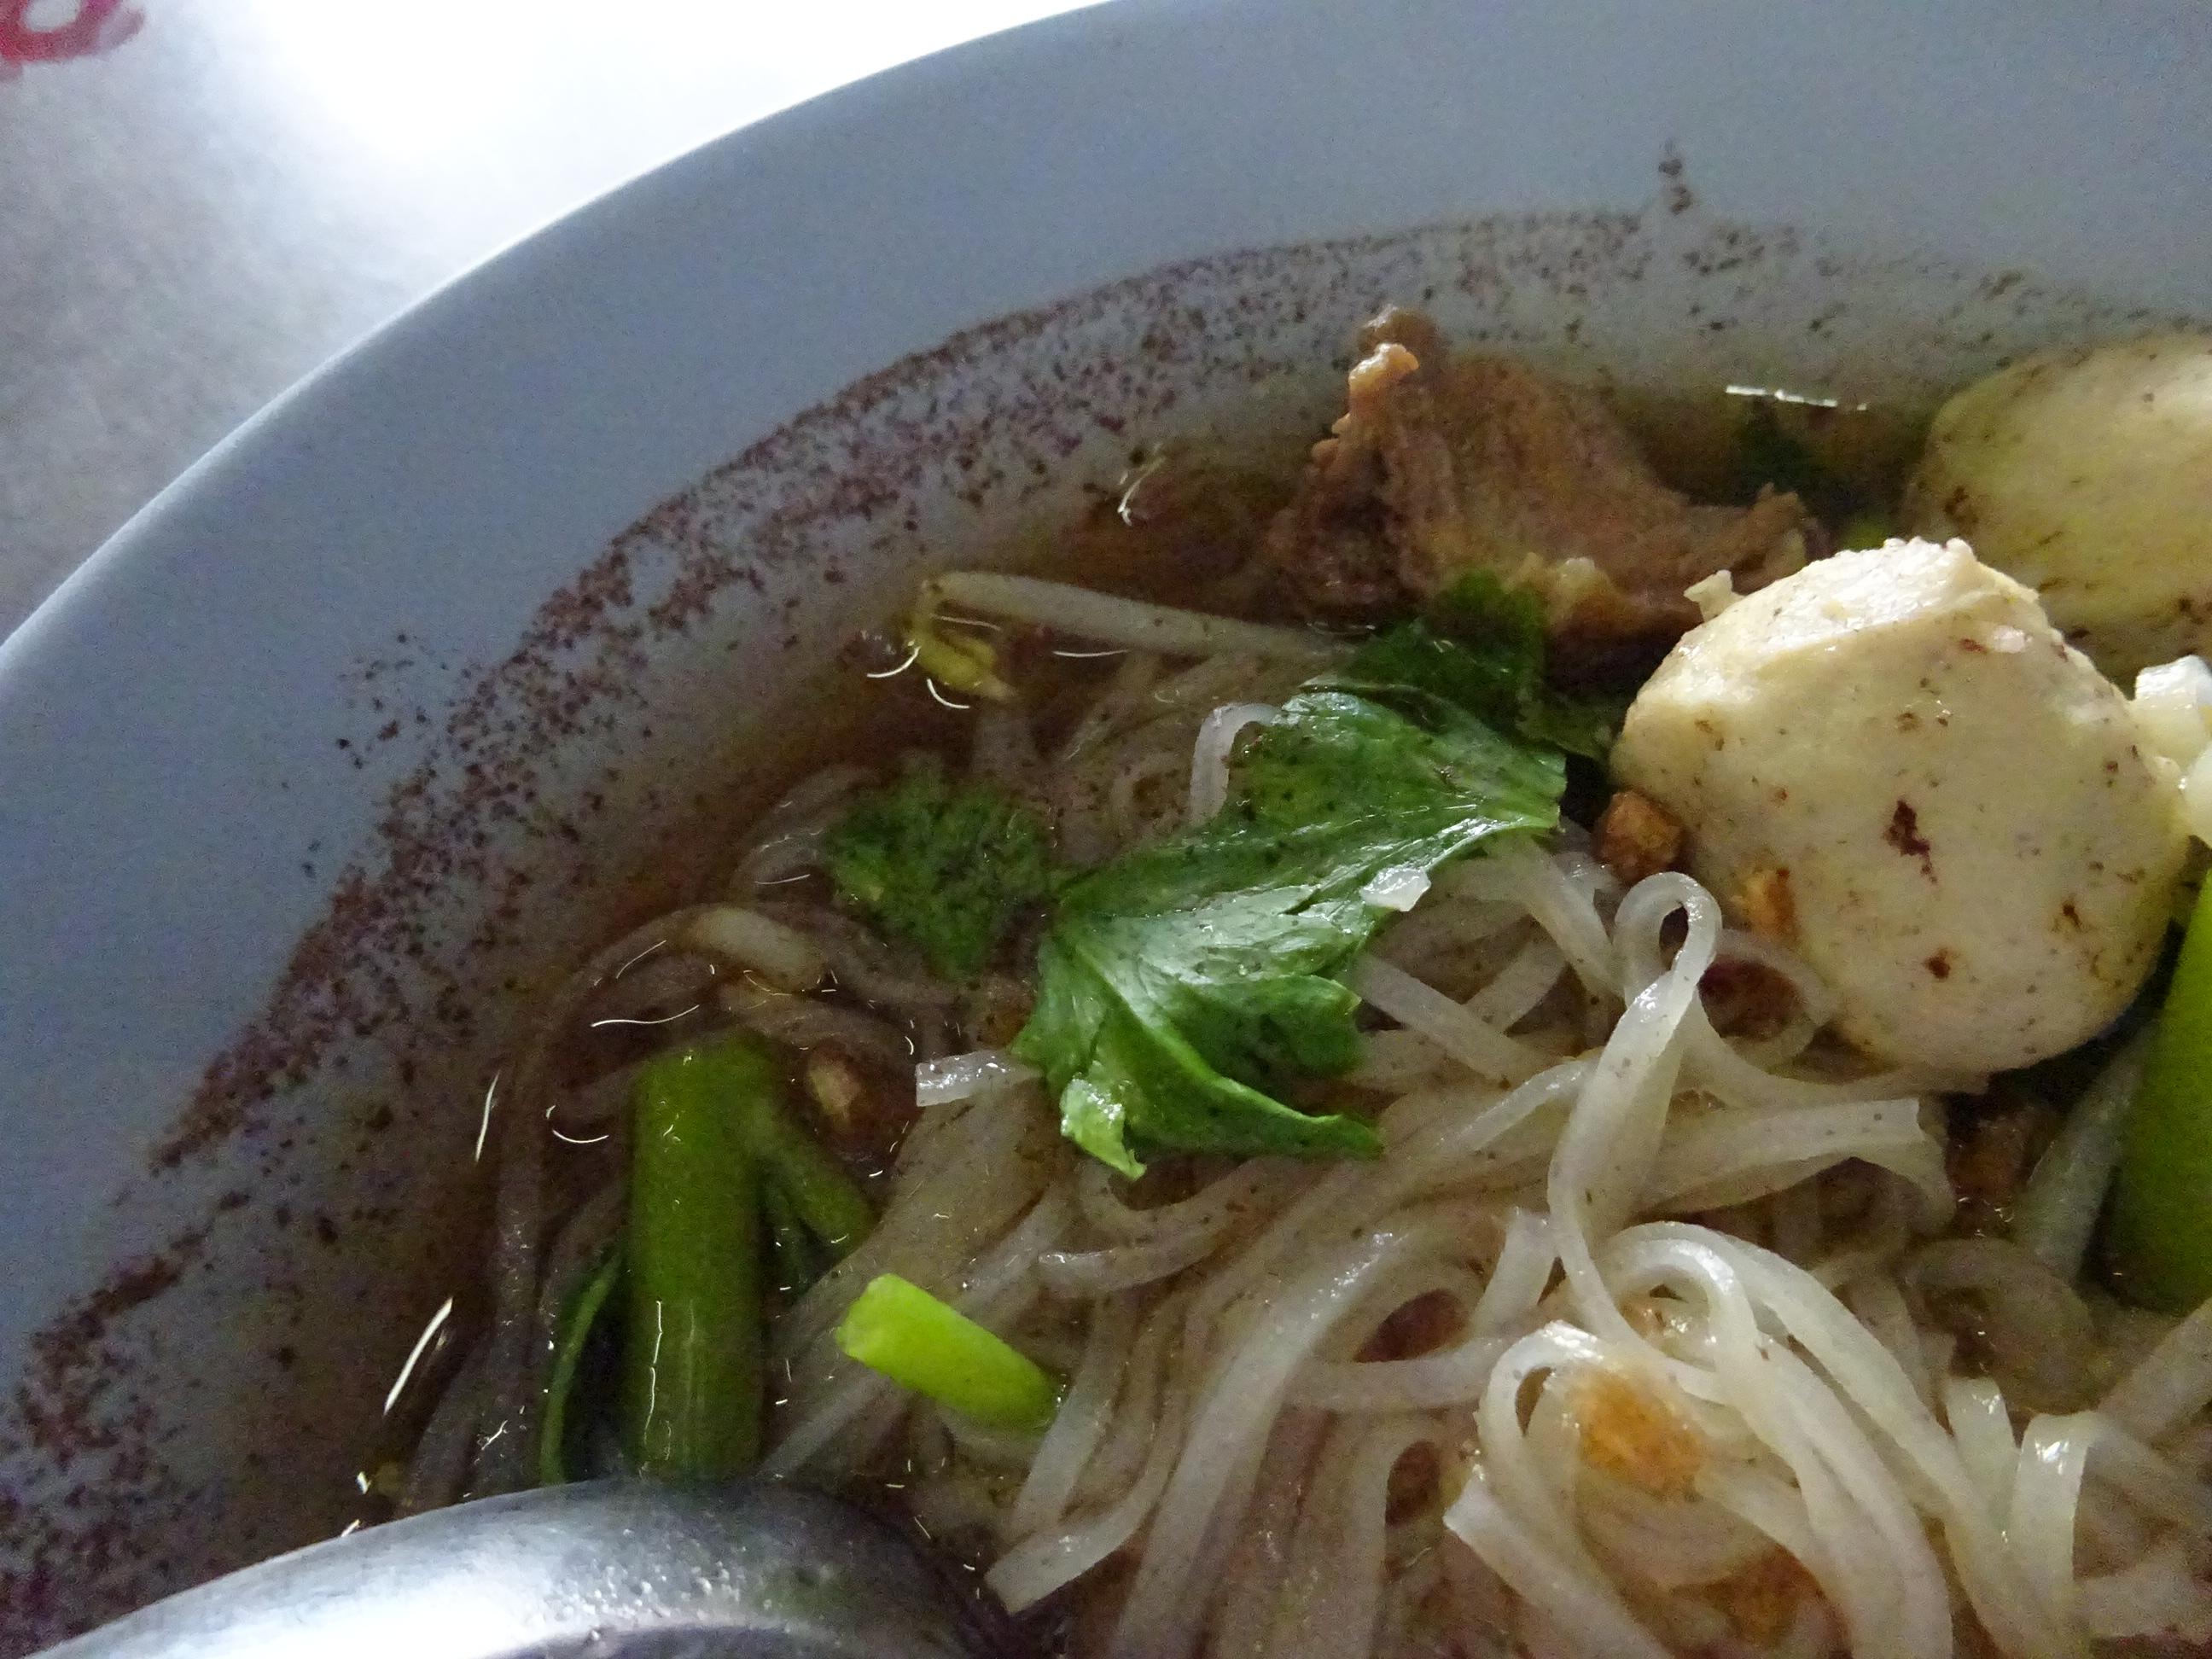 バンコクの屋台「B級グルメ」おすすめ麺料理の拡大